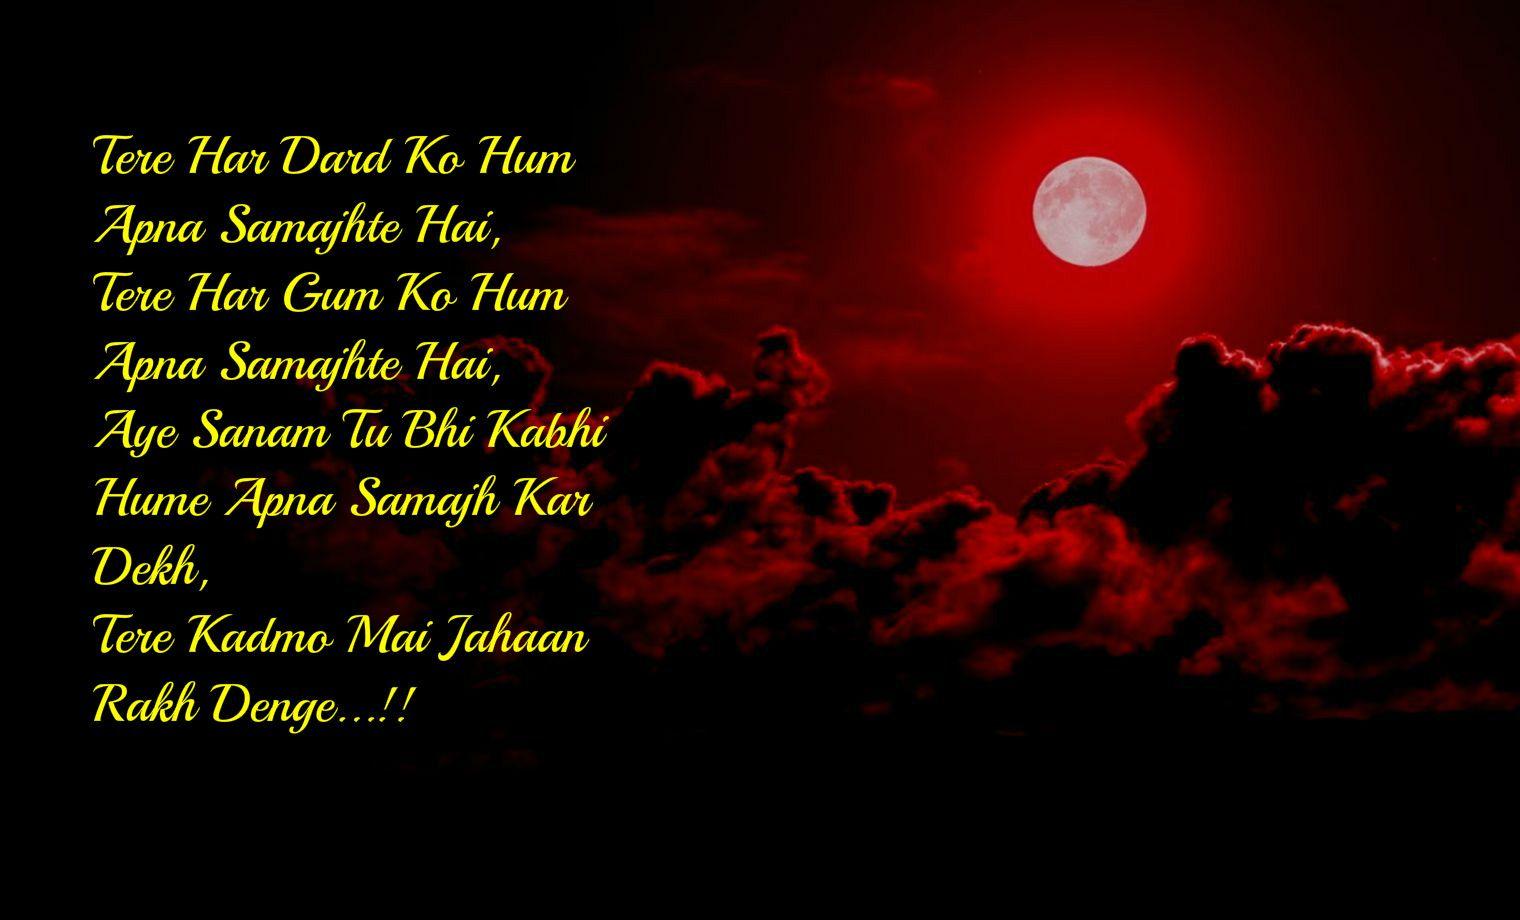 Best dil ko chune wale status image | Image | Urdu image, Kos, Wales